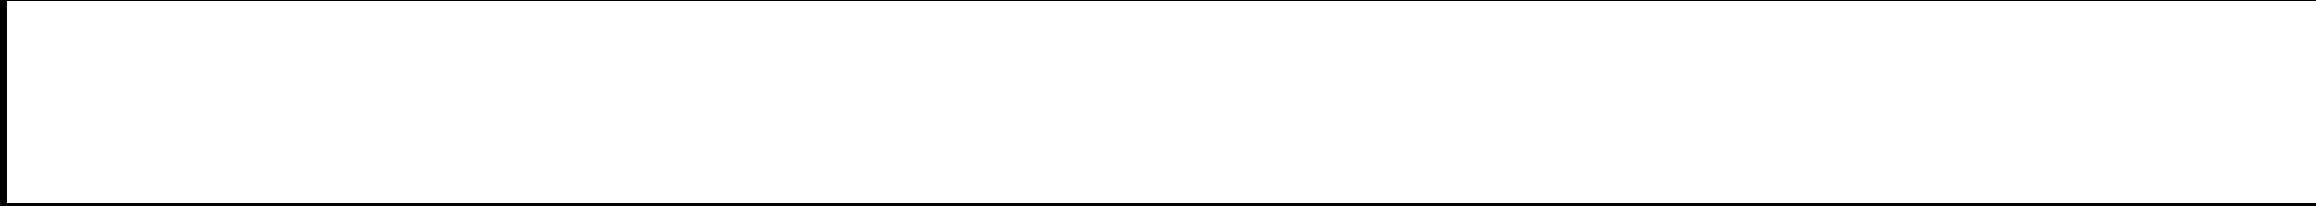 Malerfachbetrieb A. Guder GmbH